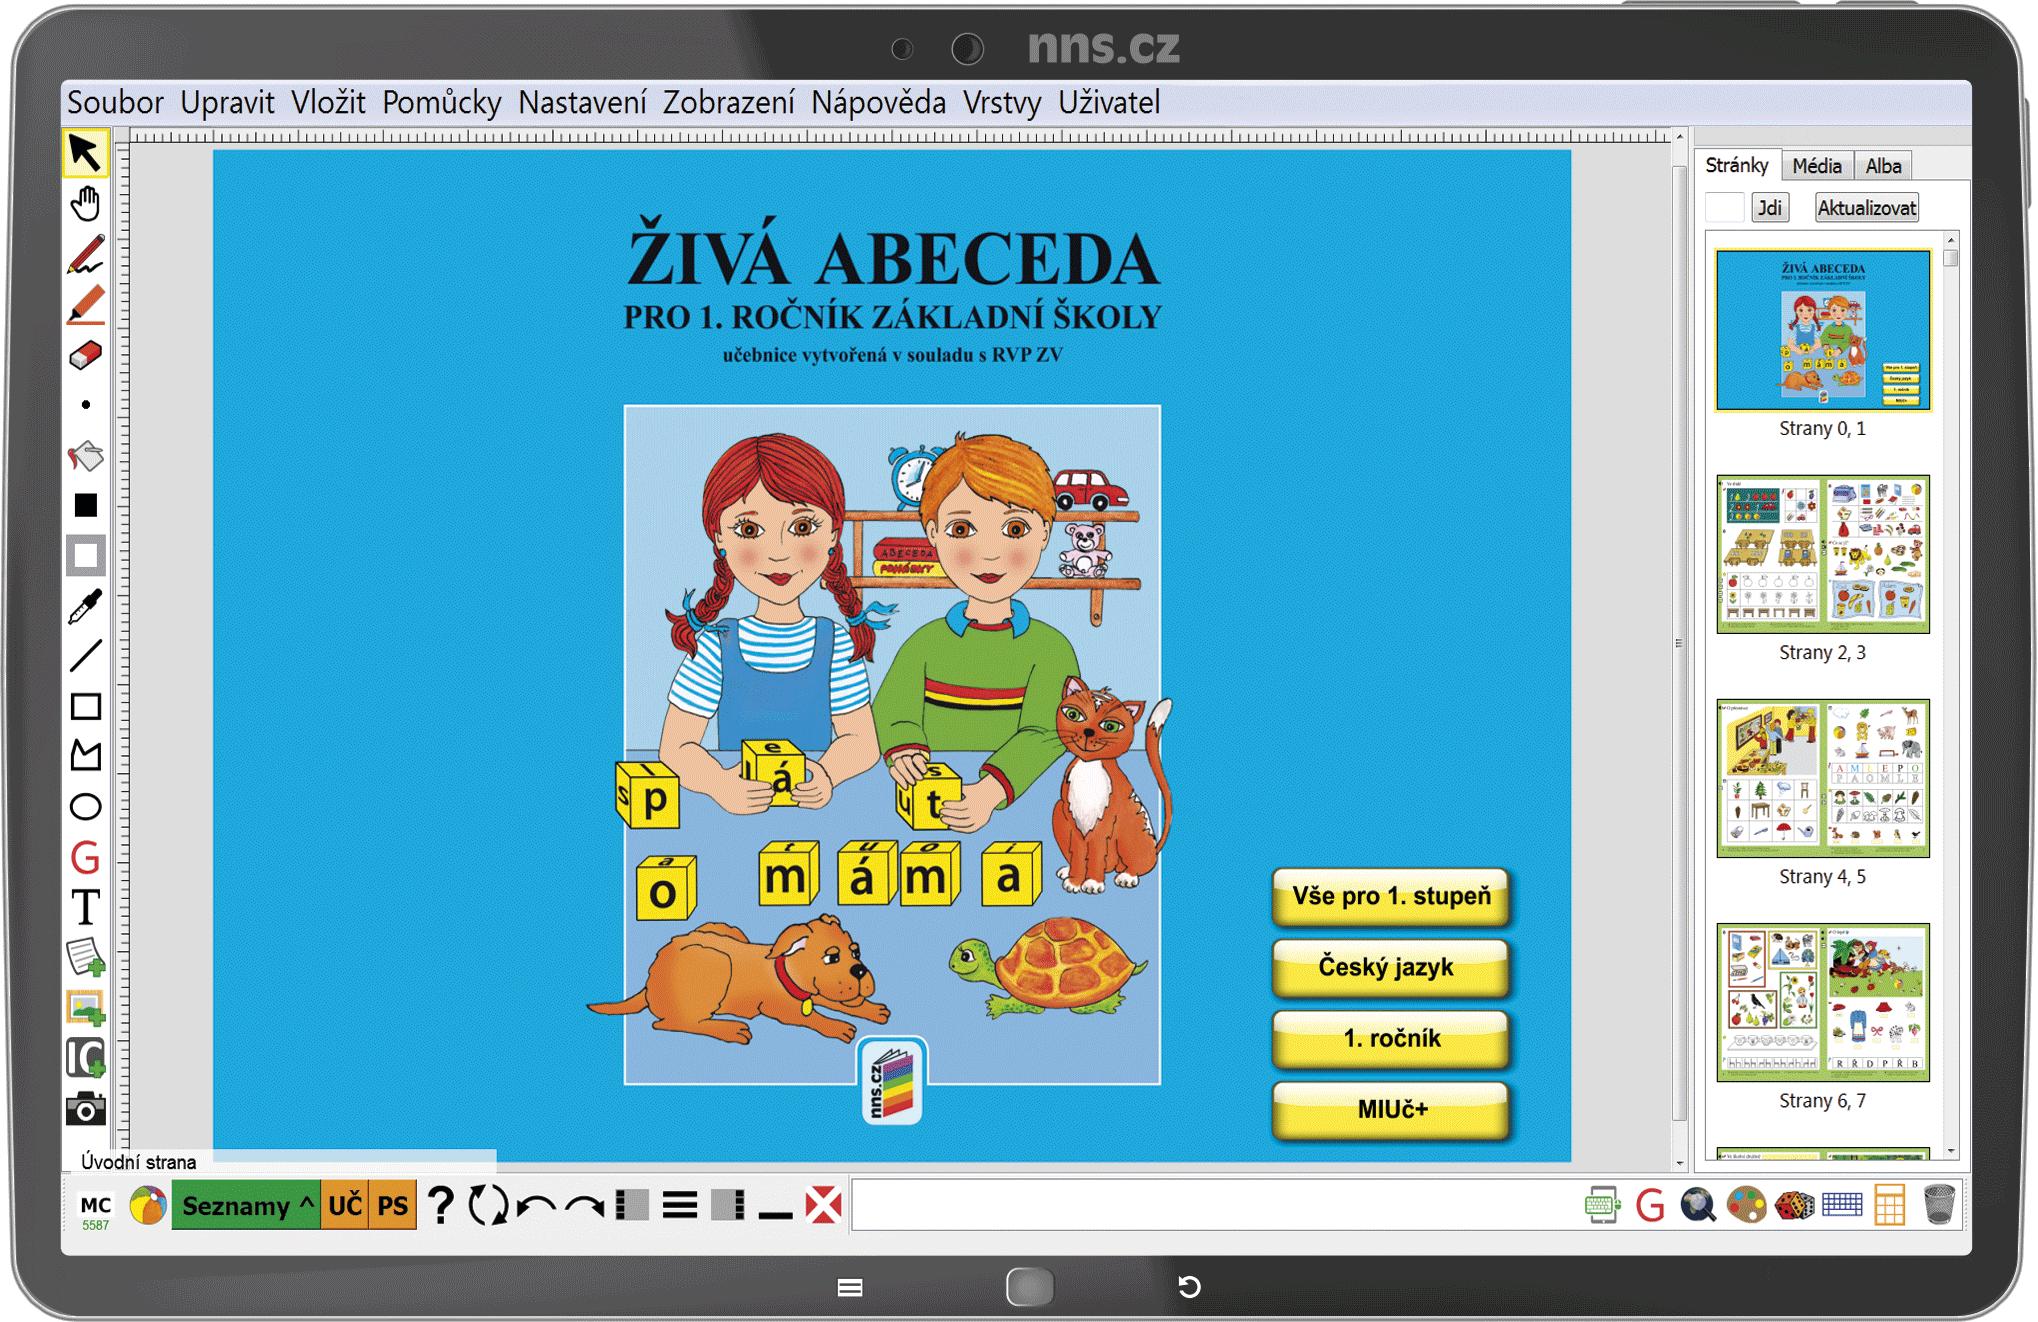 MIUč+ Živá abeceda, Slabikář, Písanky (sada) Píšeme tiskacím písmem - časově neomezená školní mu